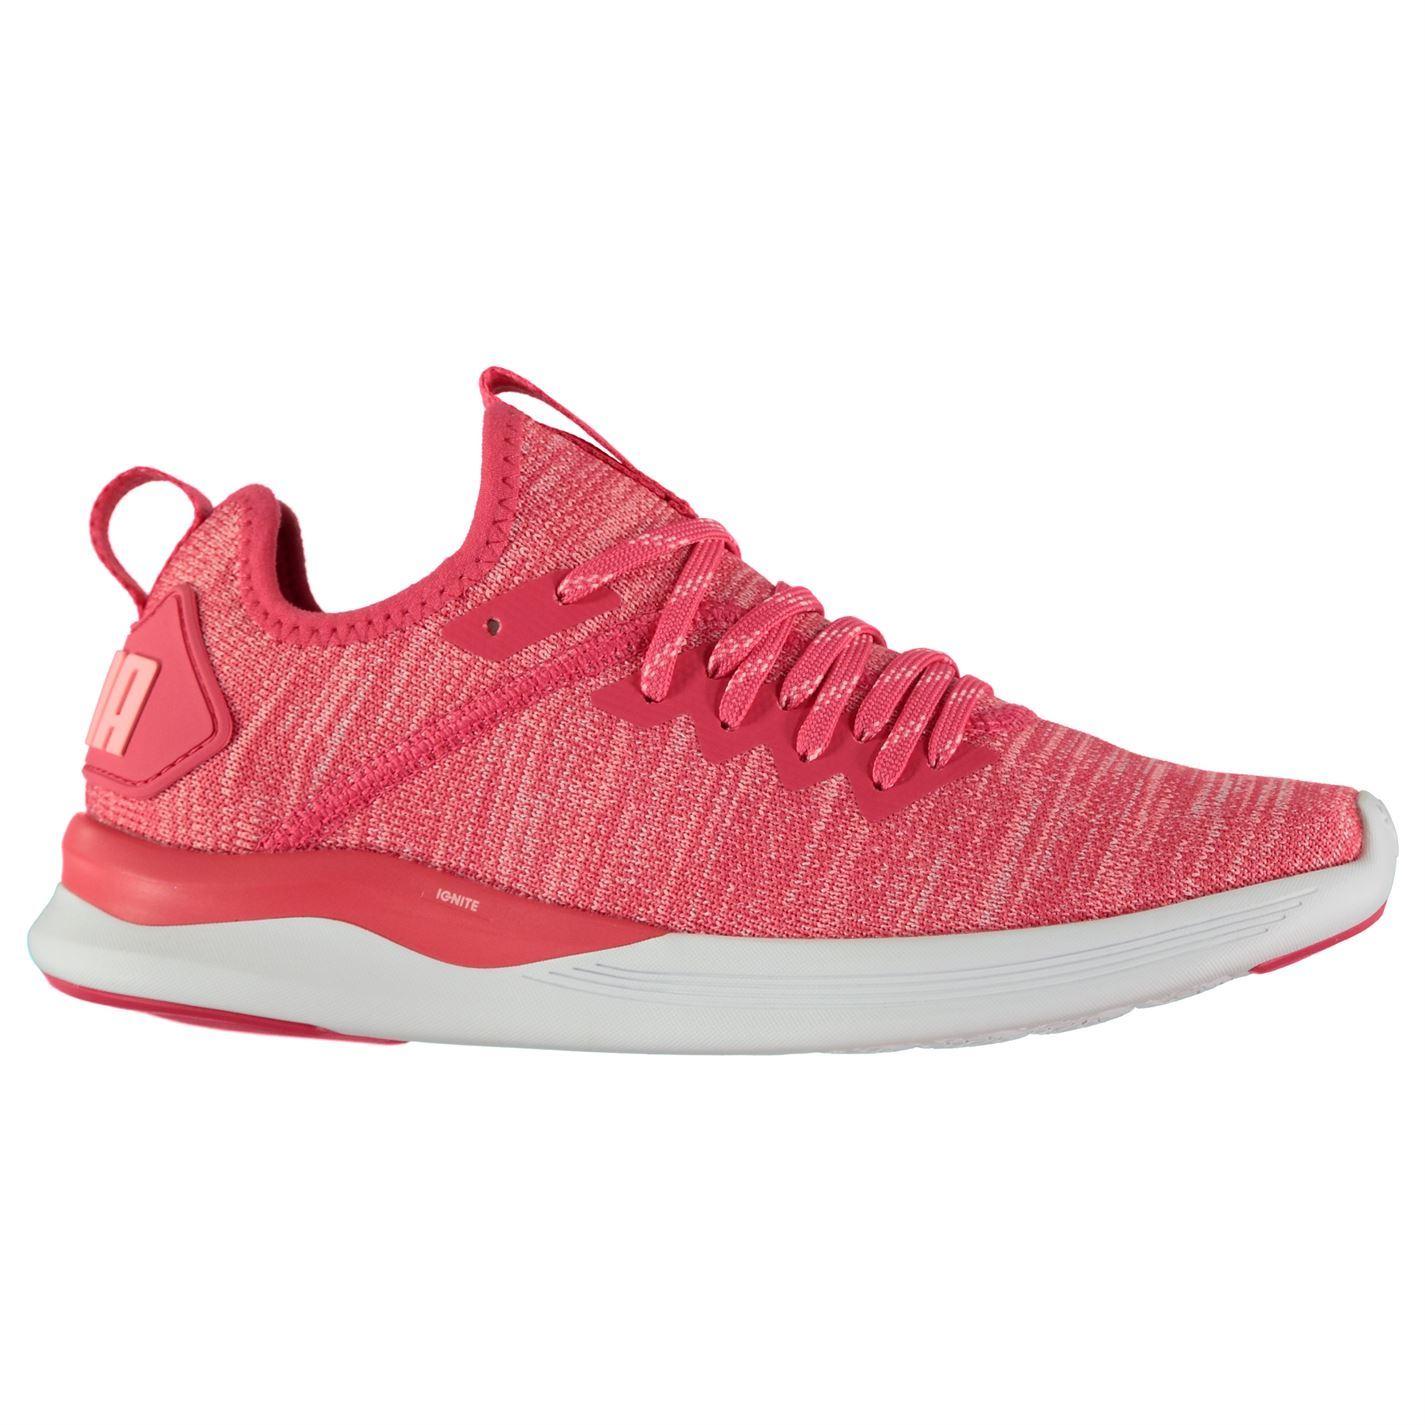 zapatos mujer puma rosas